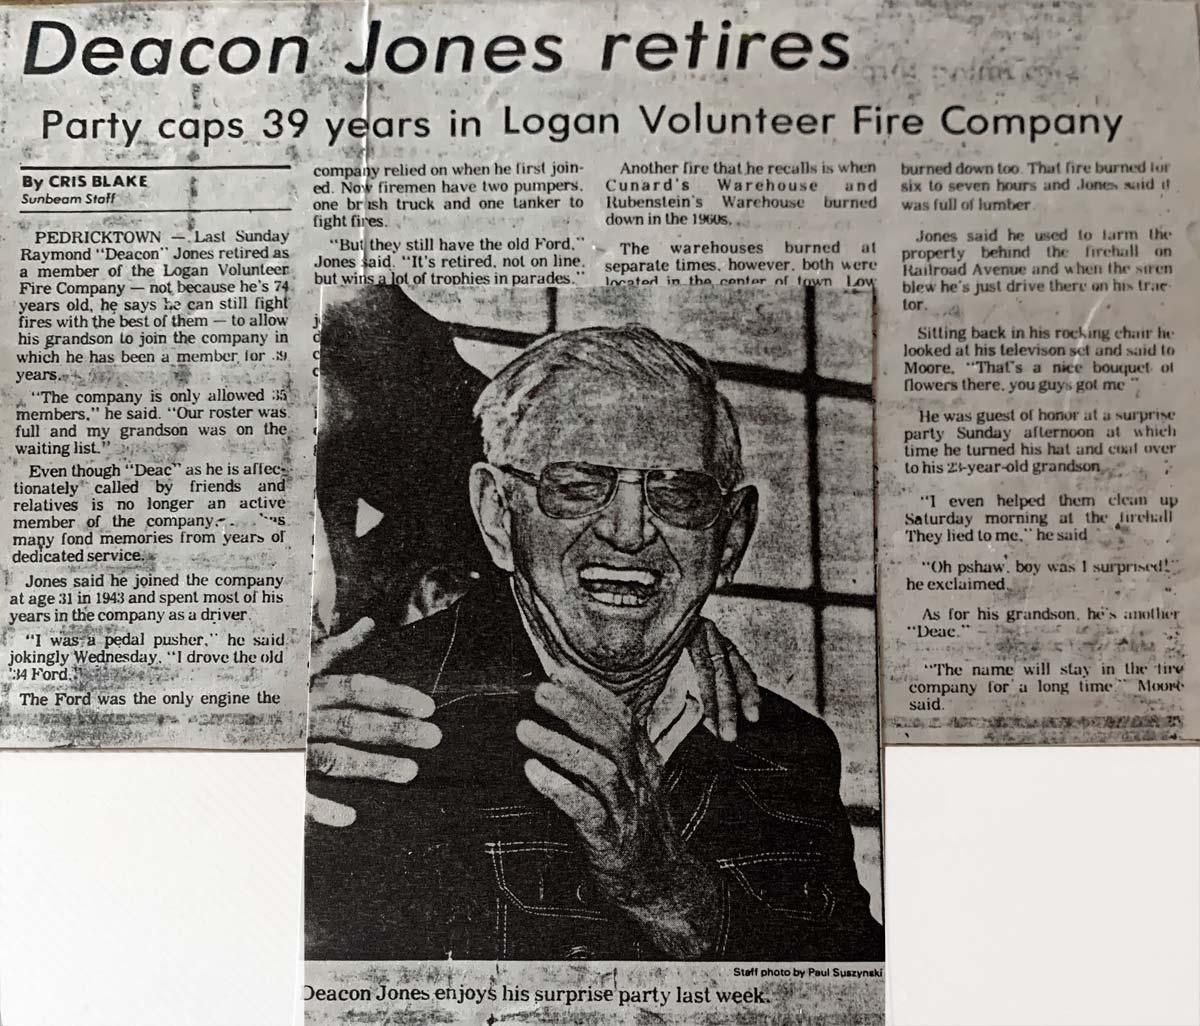 Newspaper article - Deacon Jones retires